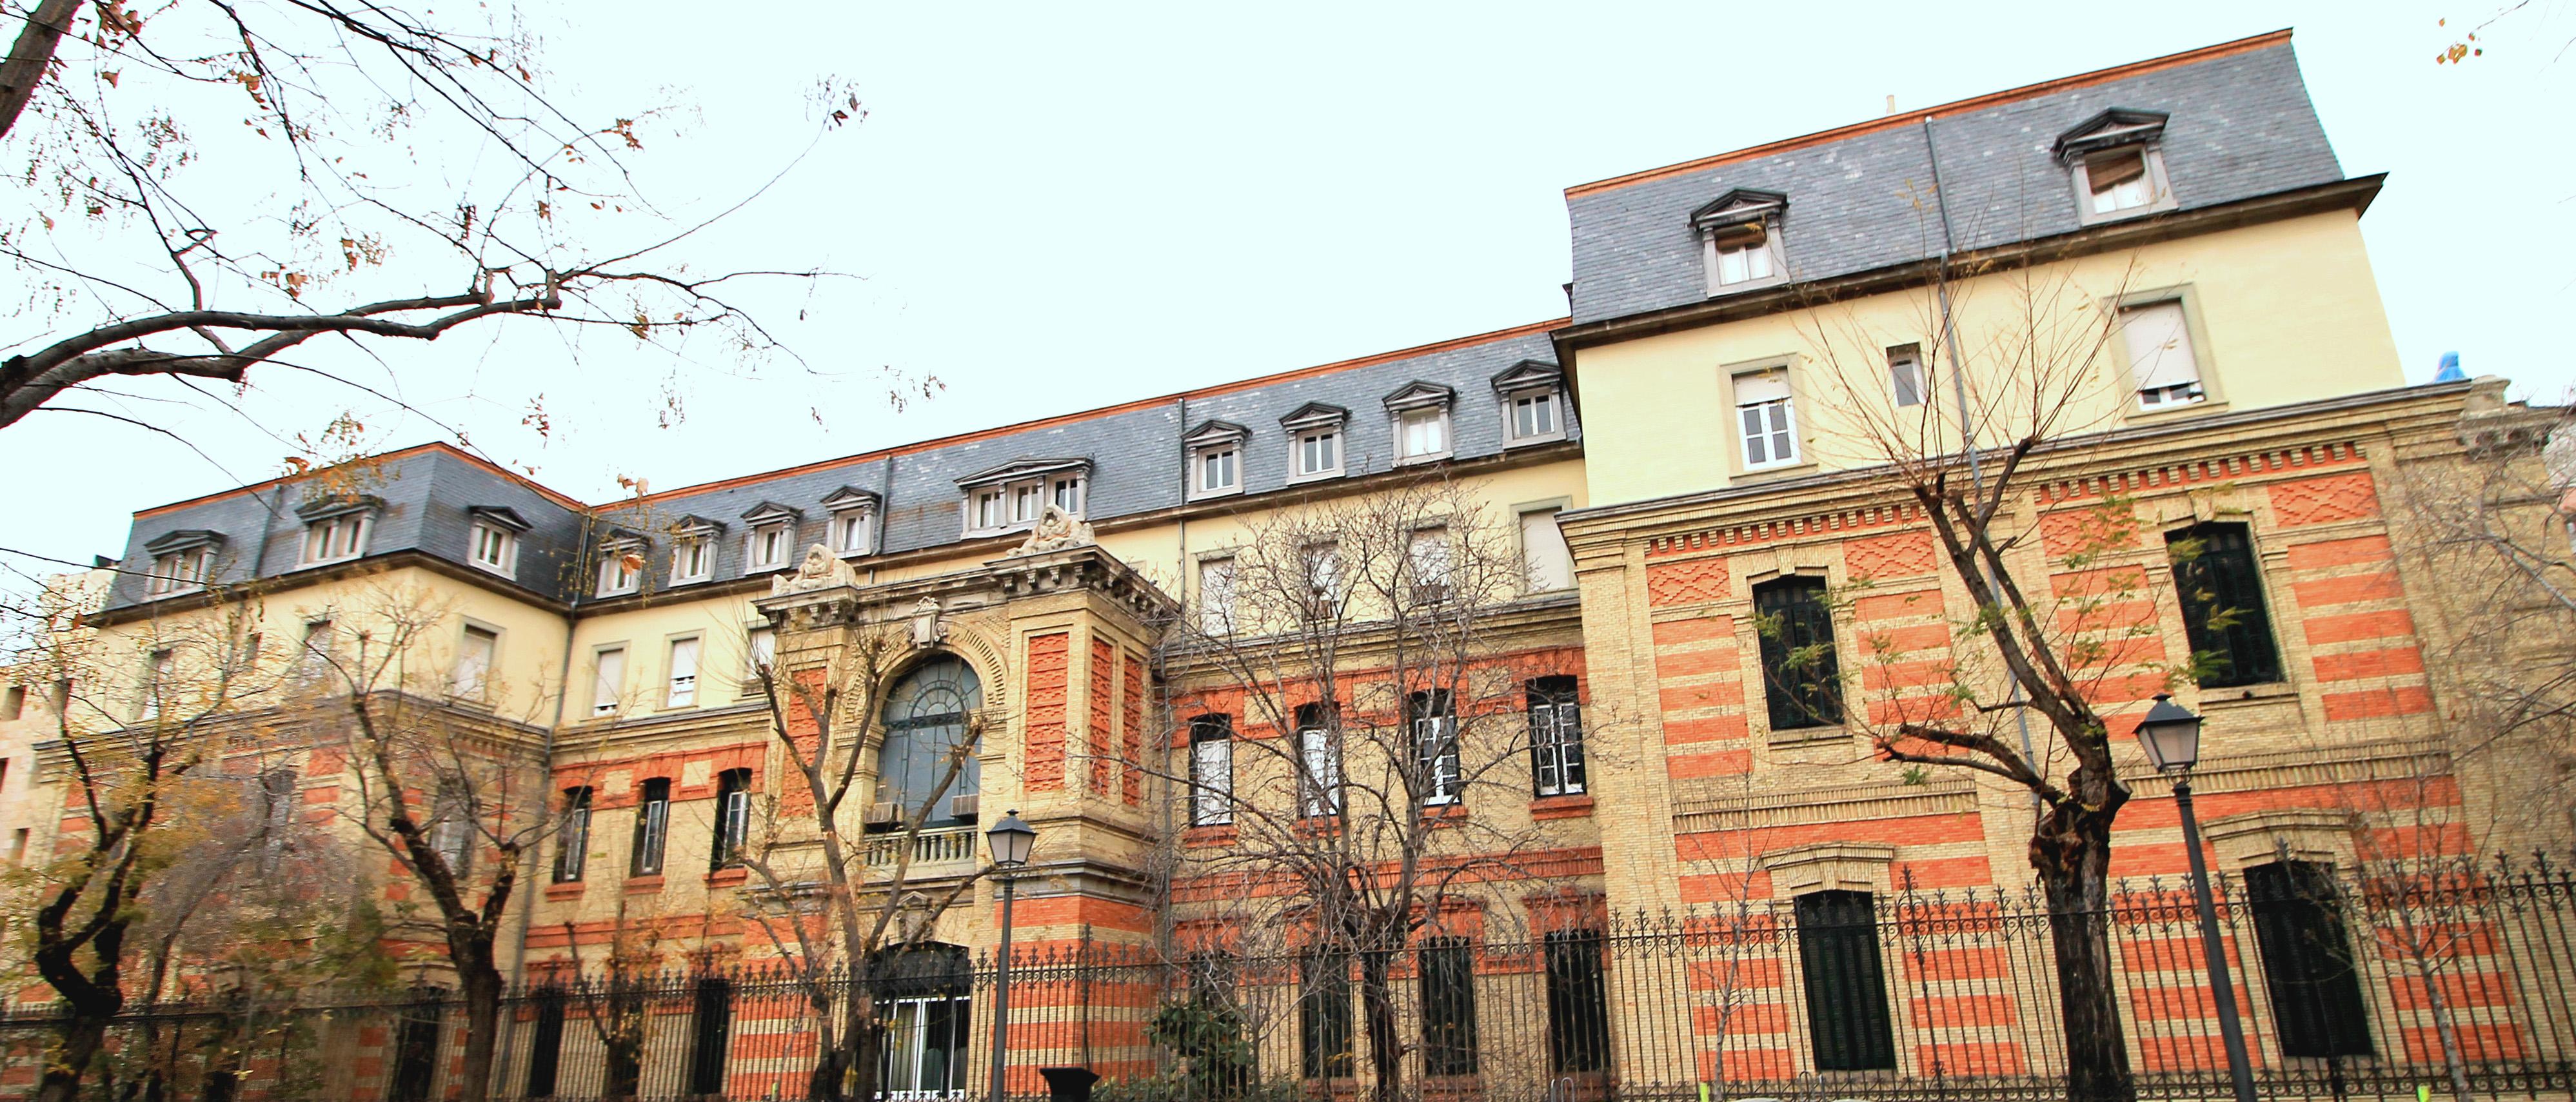 Instituto Oftálimico construido en 1902